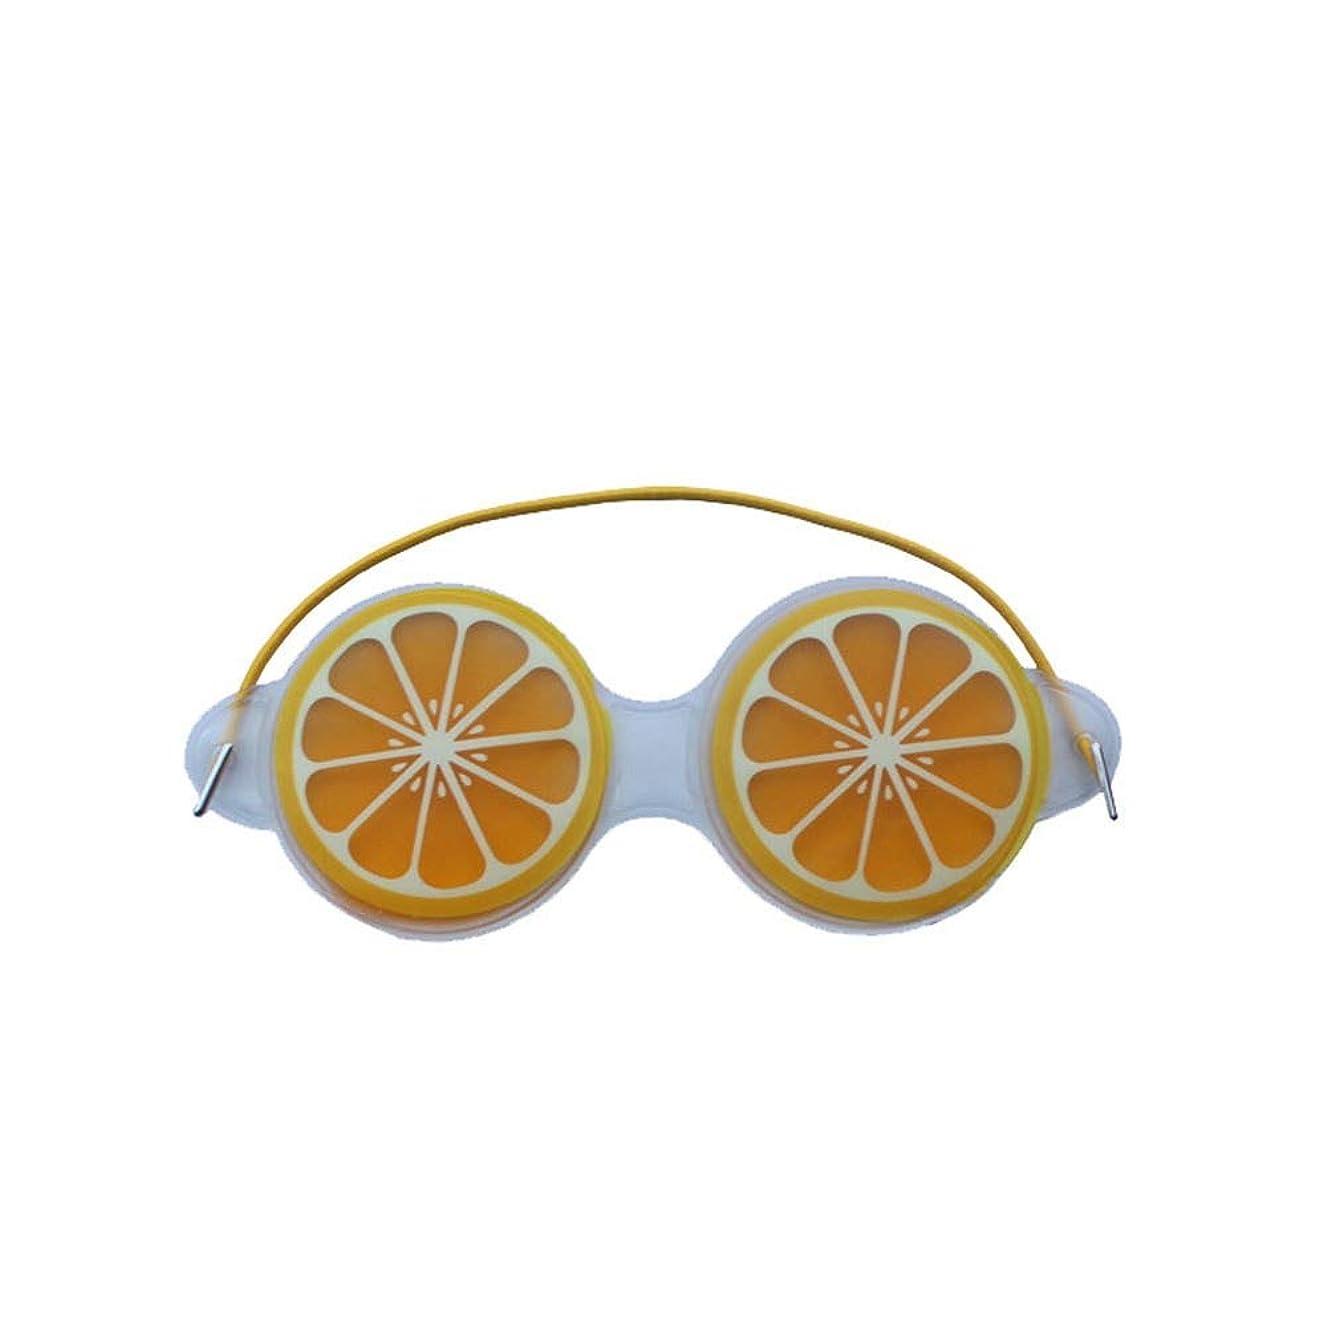 酸素ビデオ主にNOTE ジェルアイマスク睡眠よく圧縮かわいいフルーツジェル疲労緩和冷却アイケアリラクゼーションシールドアイケアツール